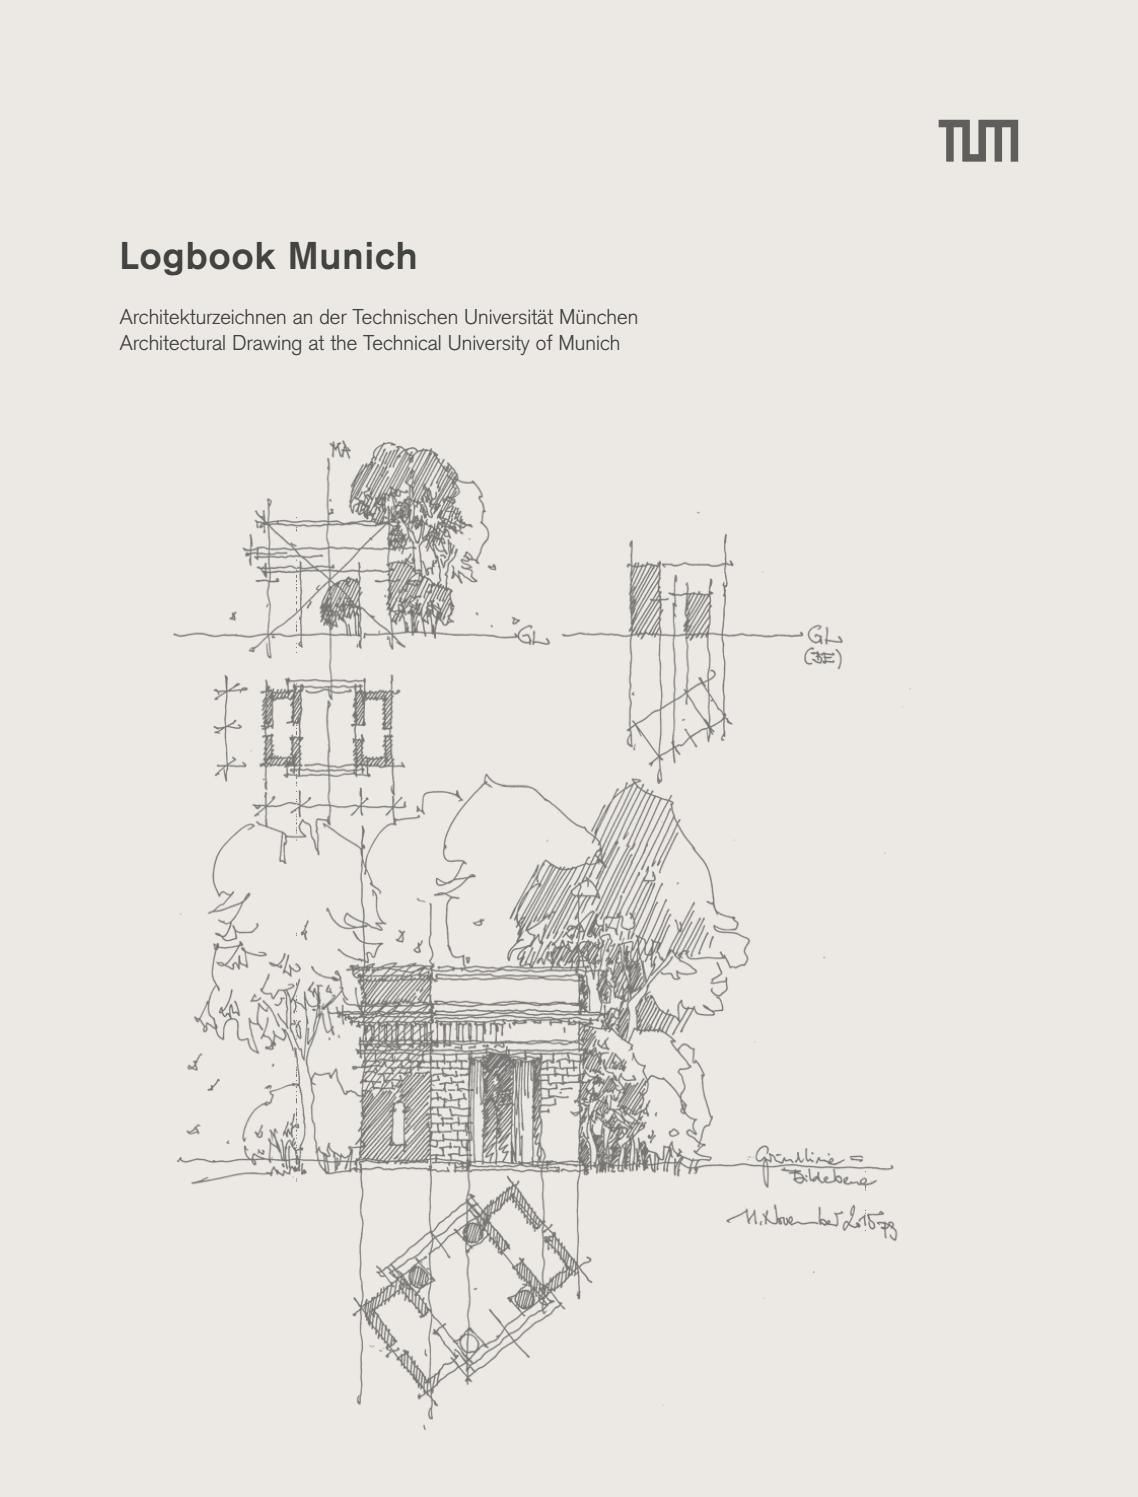 Logbook Munich 2017 by Fakultät für Architektur TU München - issuu